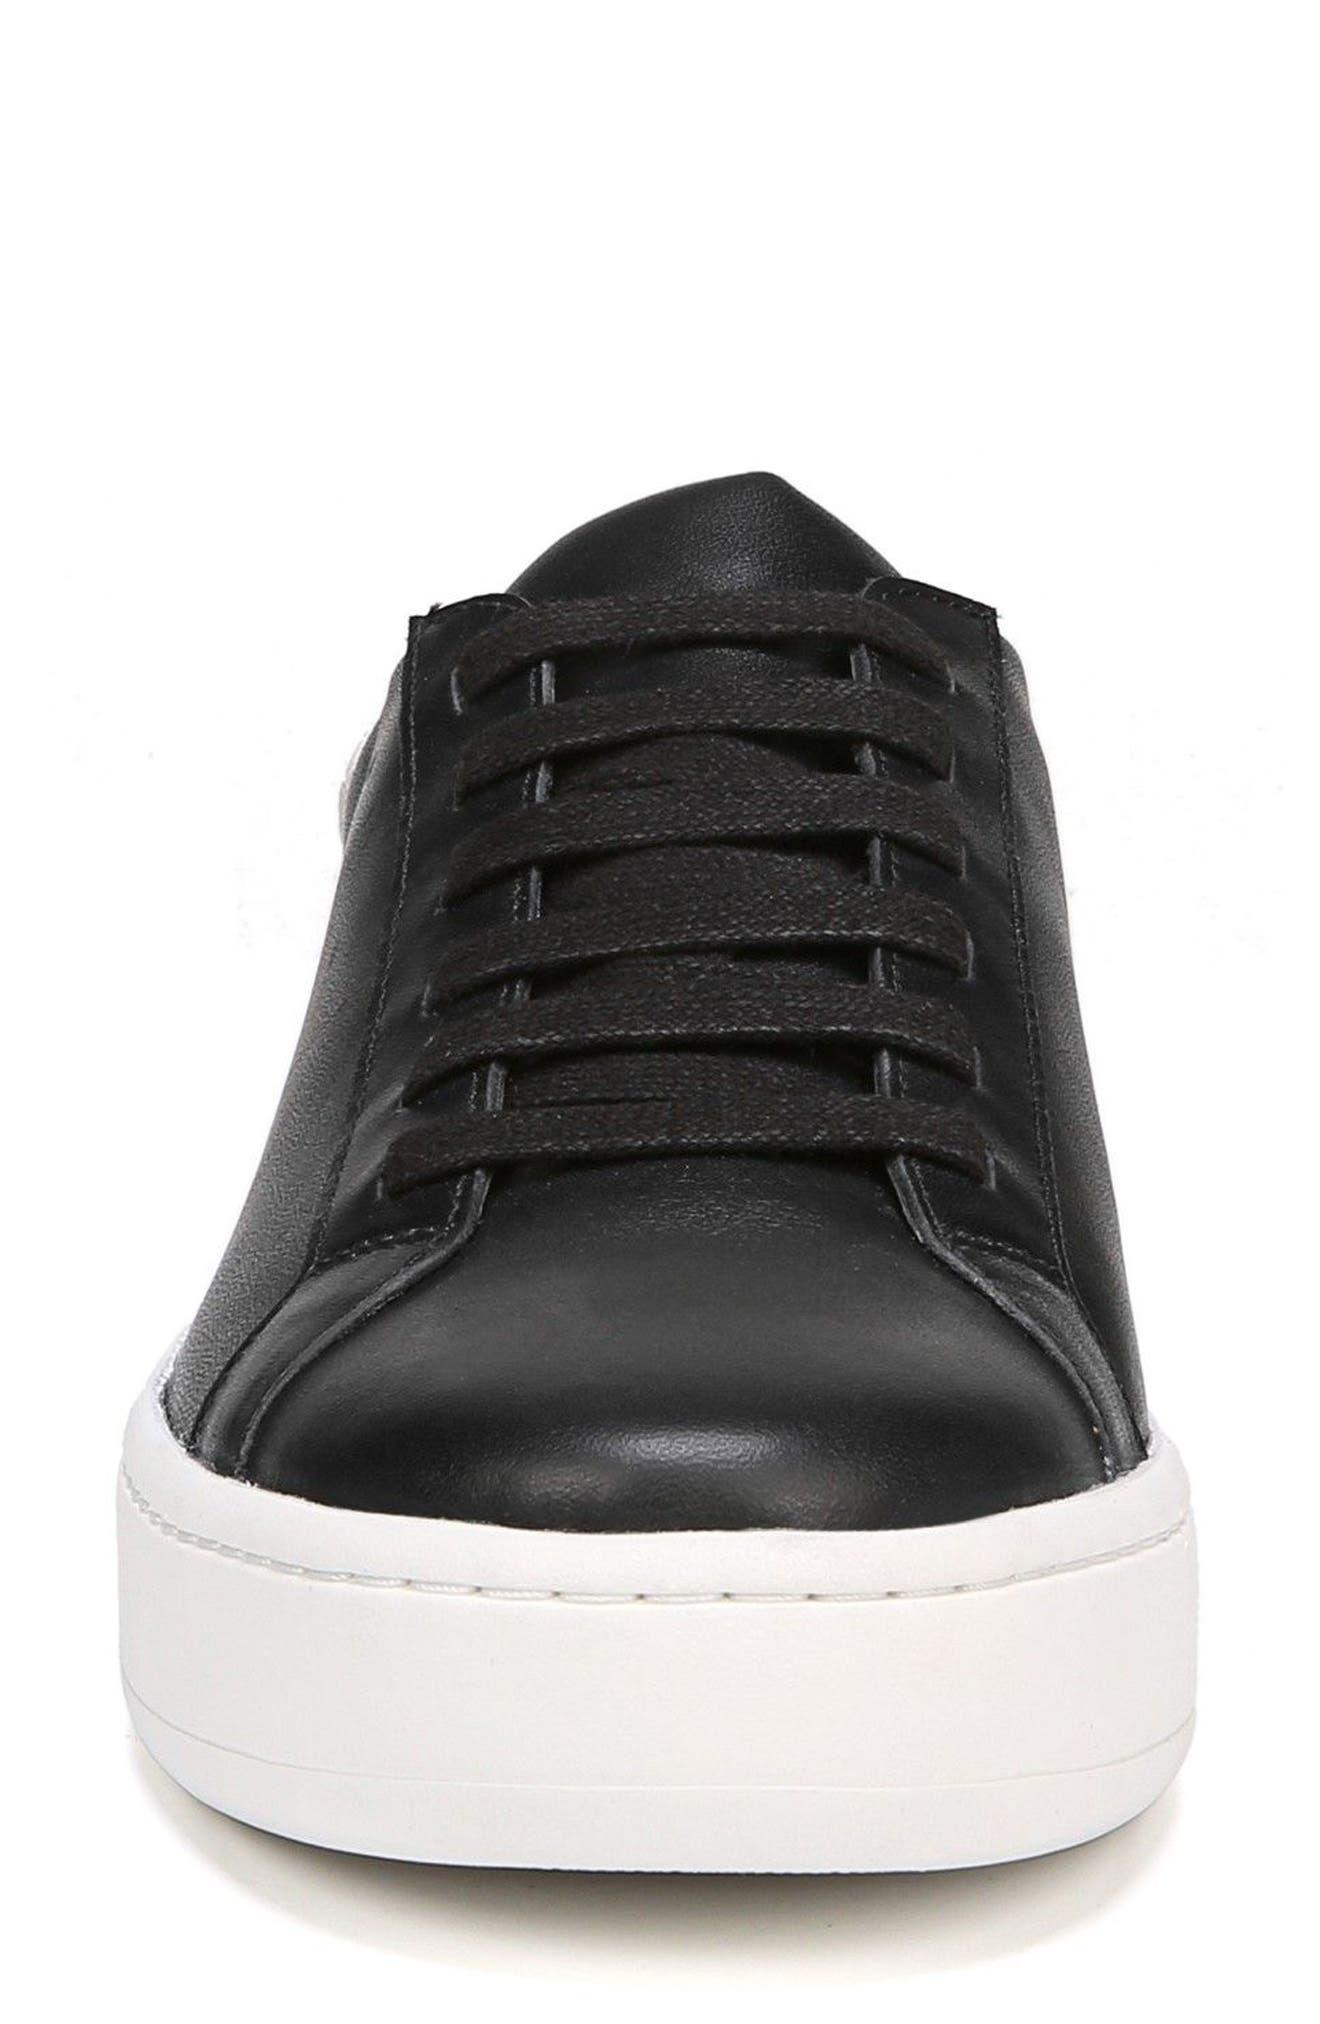 Rylen Platform Sneaker,                             Alternate thumbnail 4, color,                             BLACK/ BLACK/ WHITE LEATHER